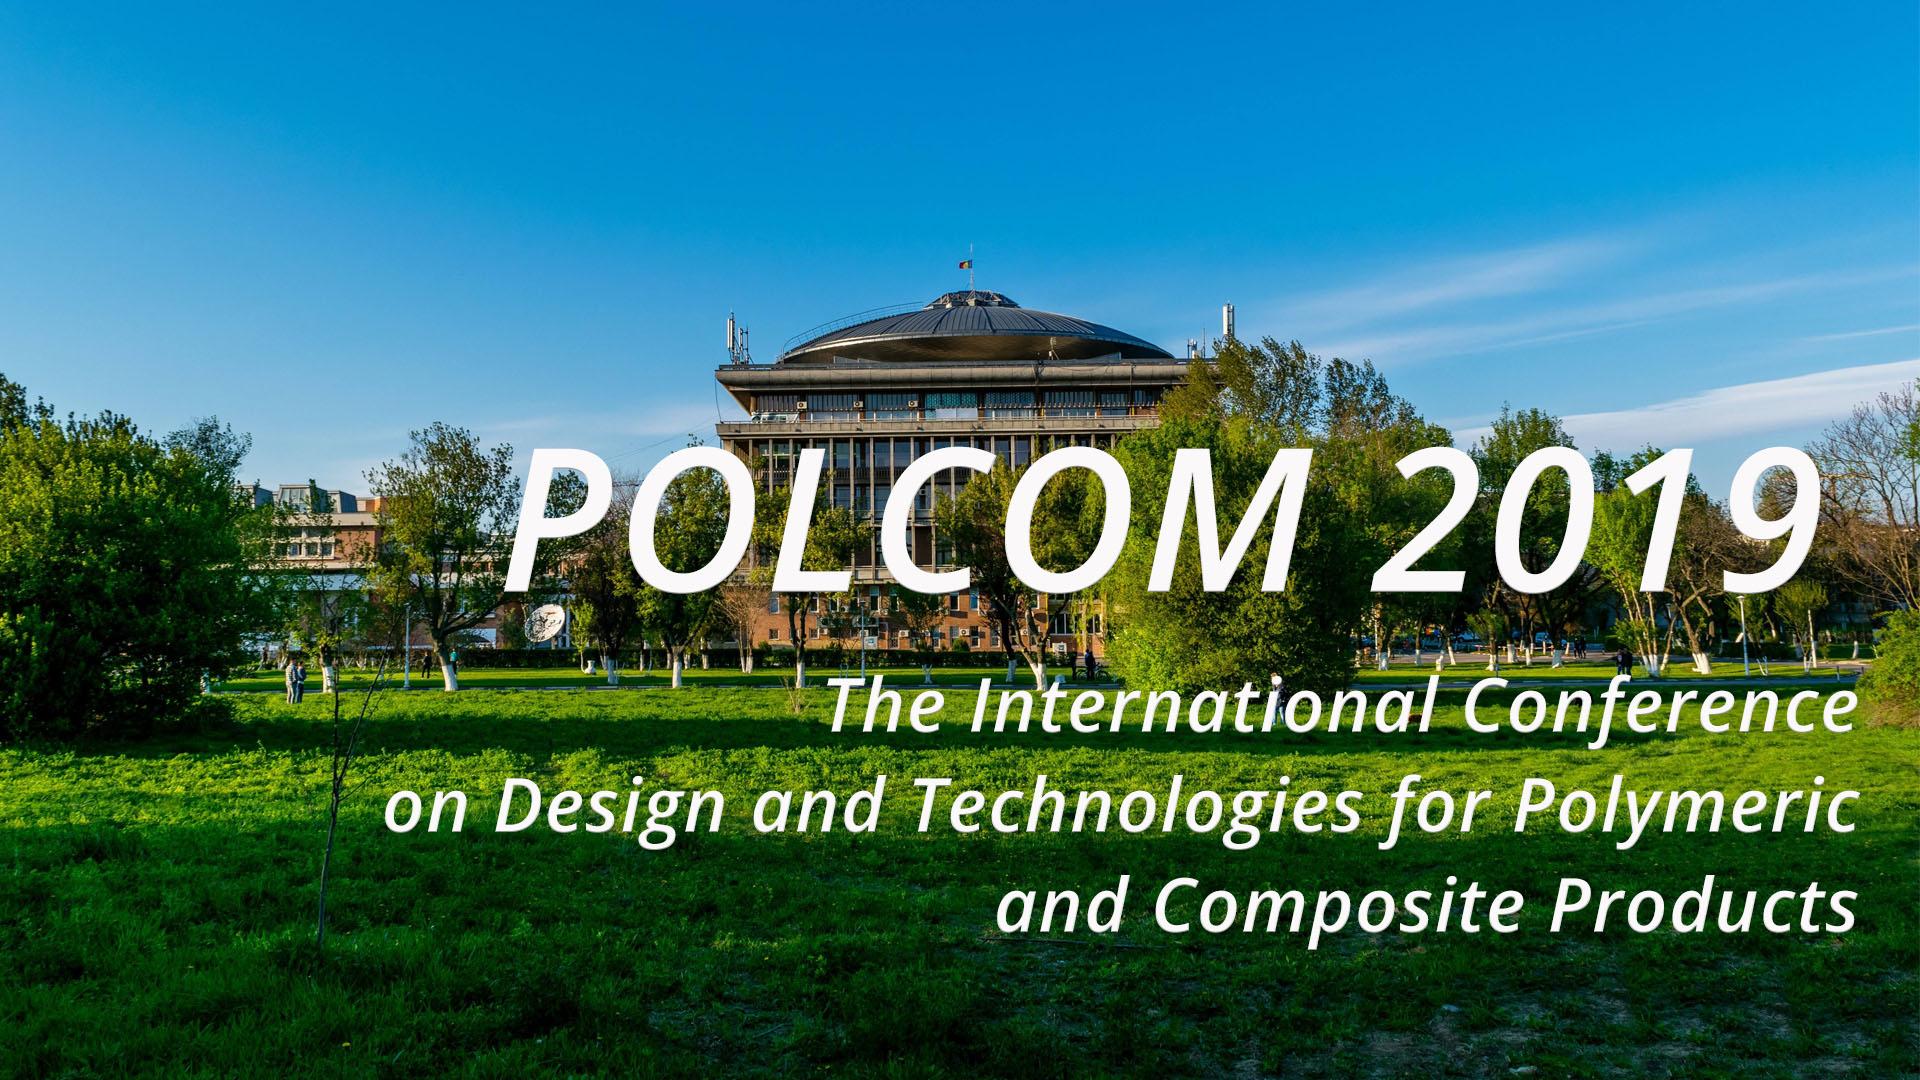 polcom 2019